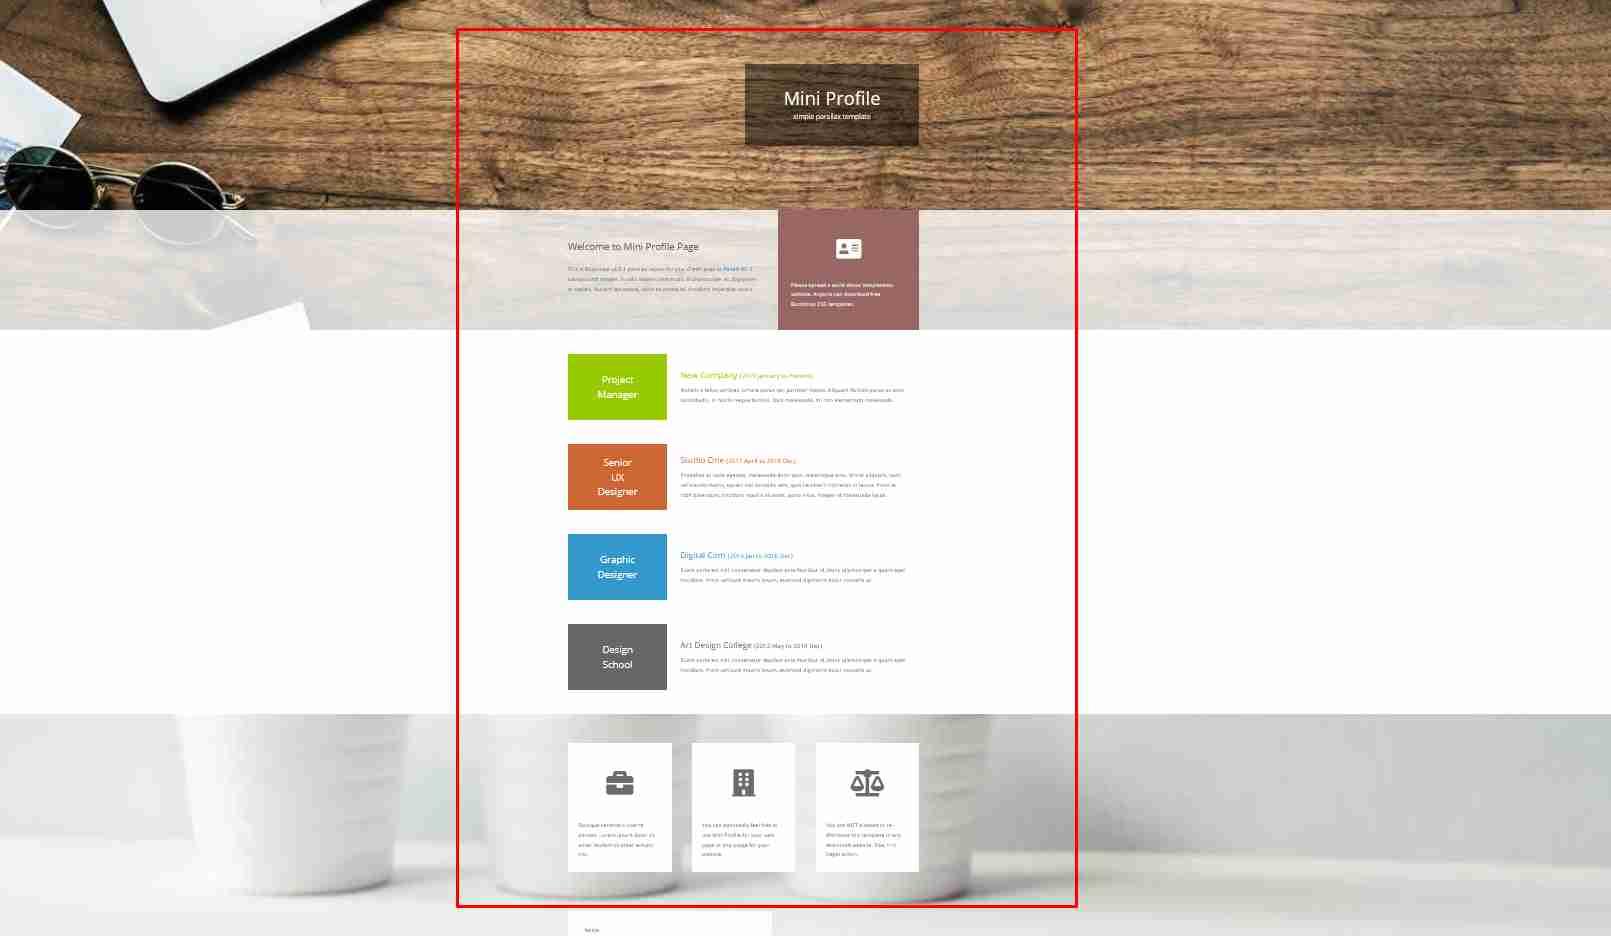 How To Make Resume Website Design Using HTML Add CSS | Personal Portfolio Website Design Tutorial